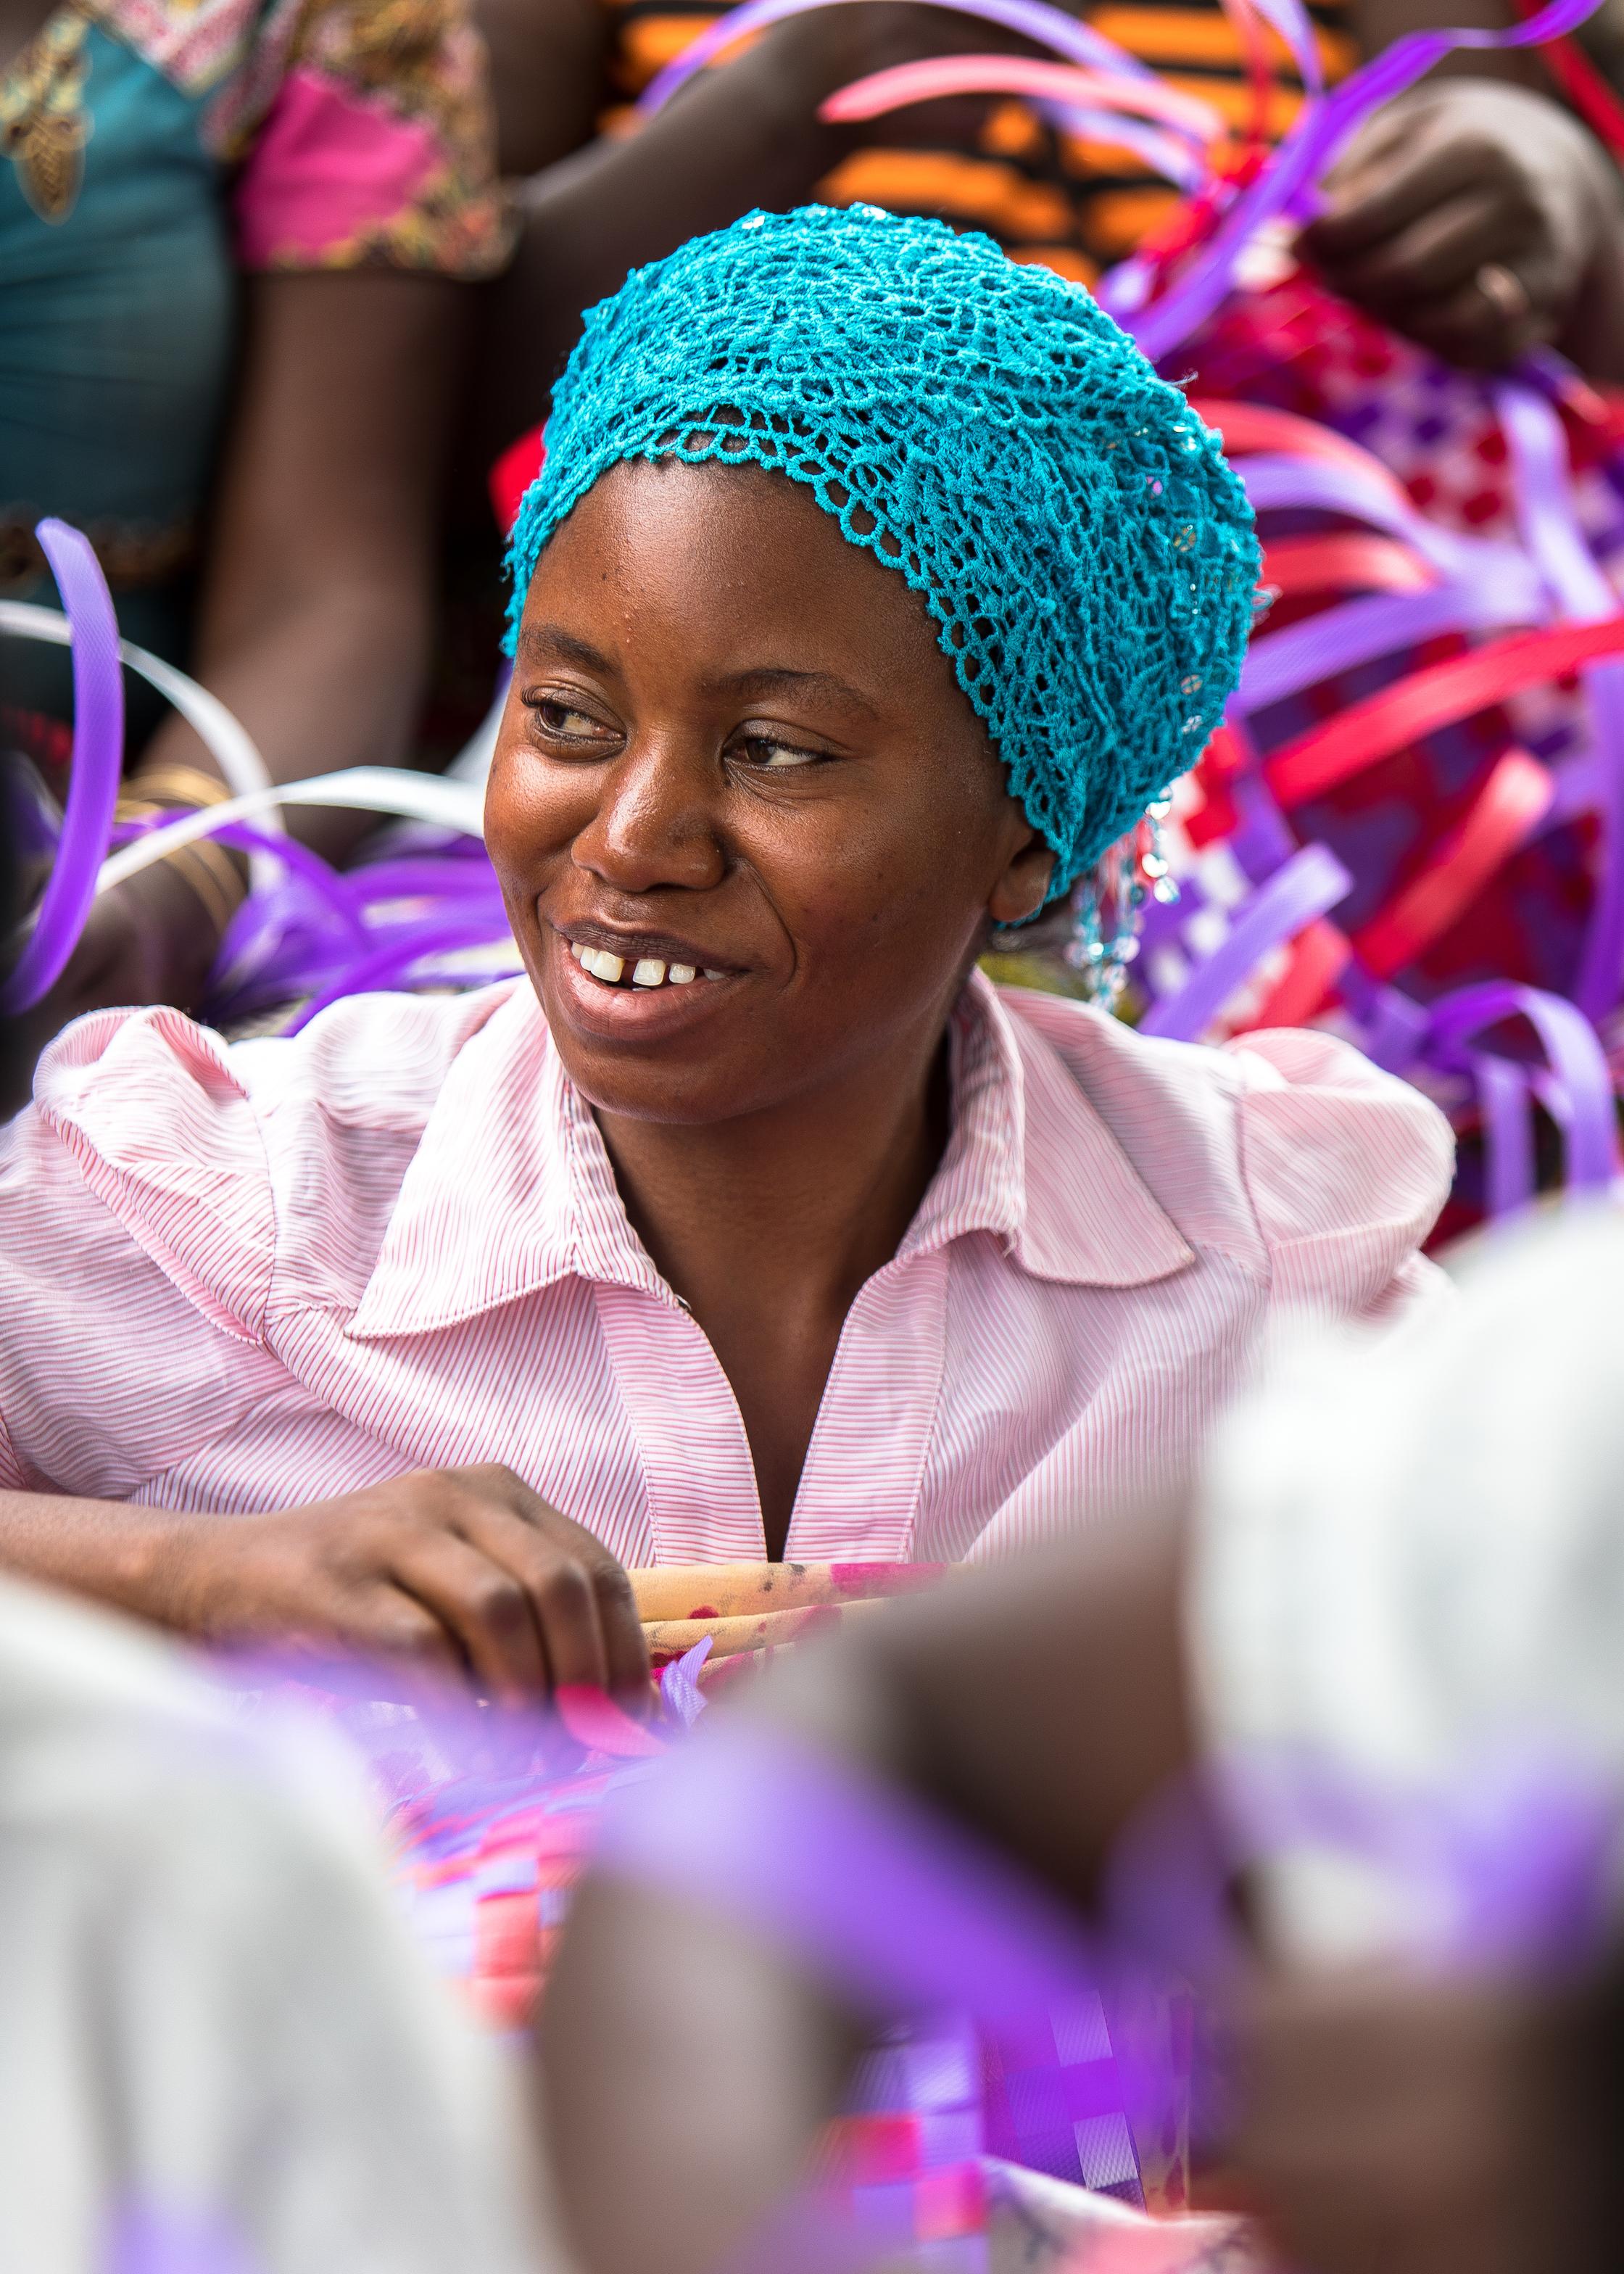 deki microfinance trvst image